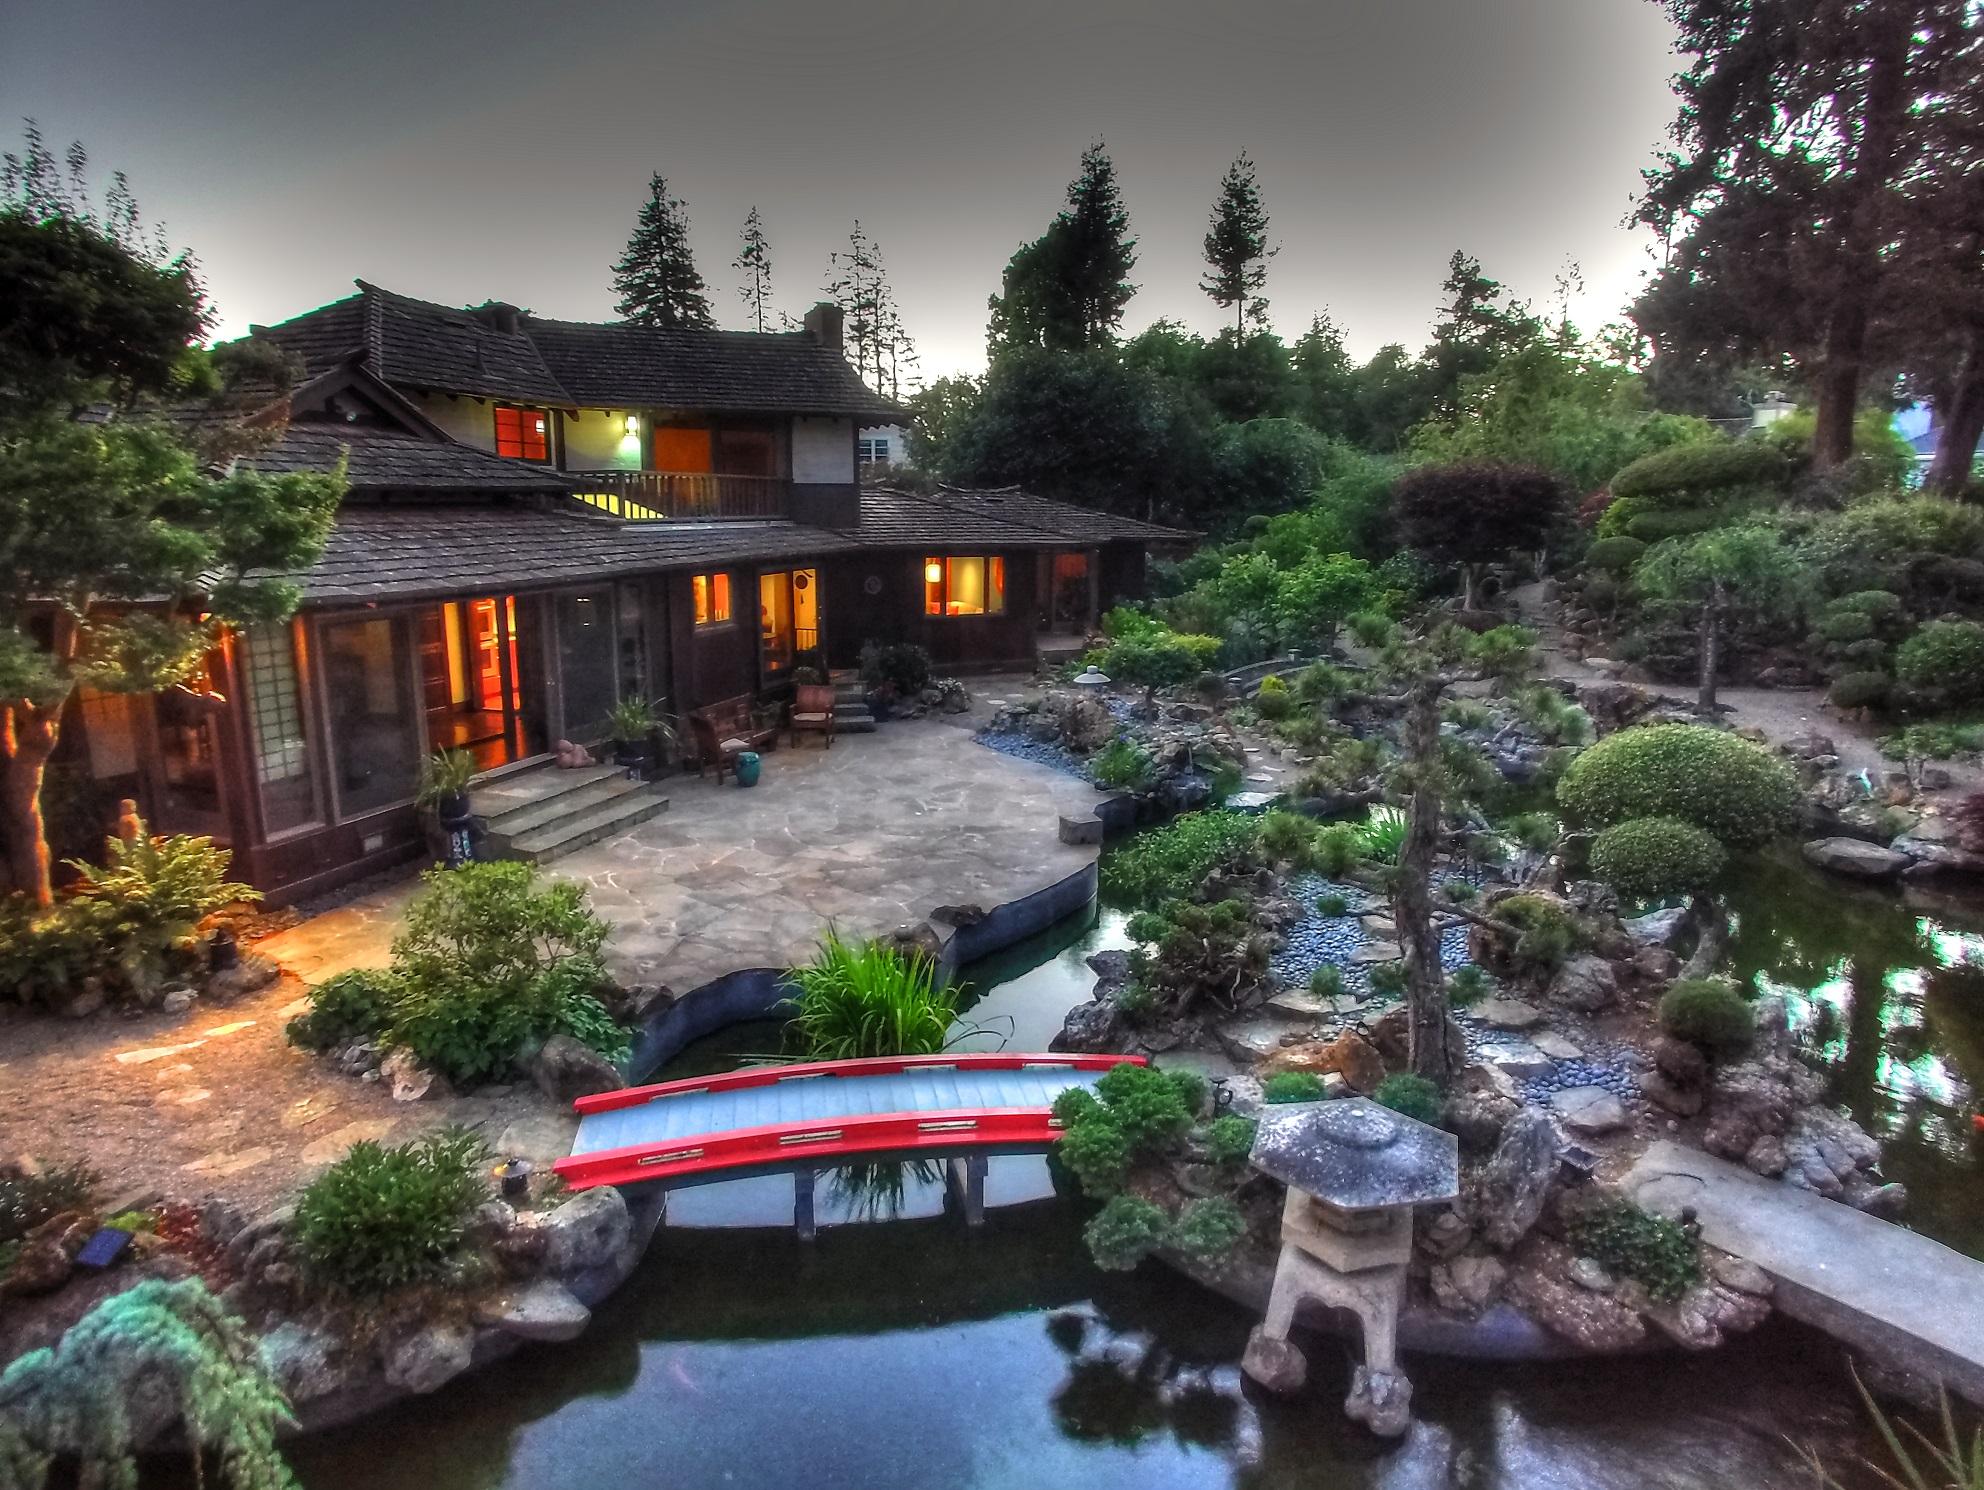 独户住宅 为 销售 在 70 De Sabla Road, Hillsborough Hillsborough, 加利福尼亚州 94010 美国